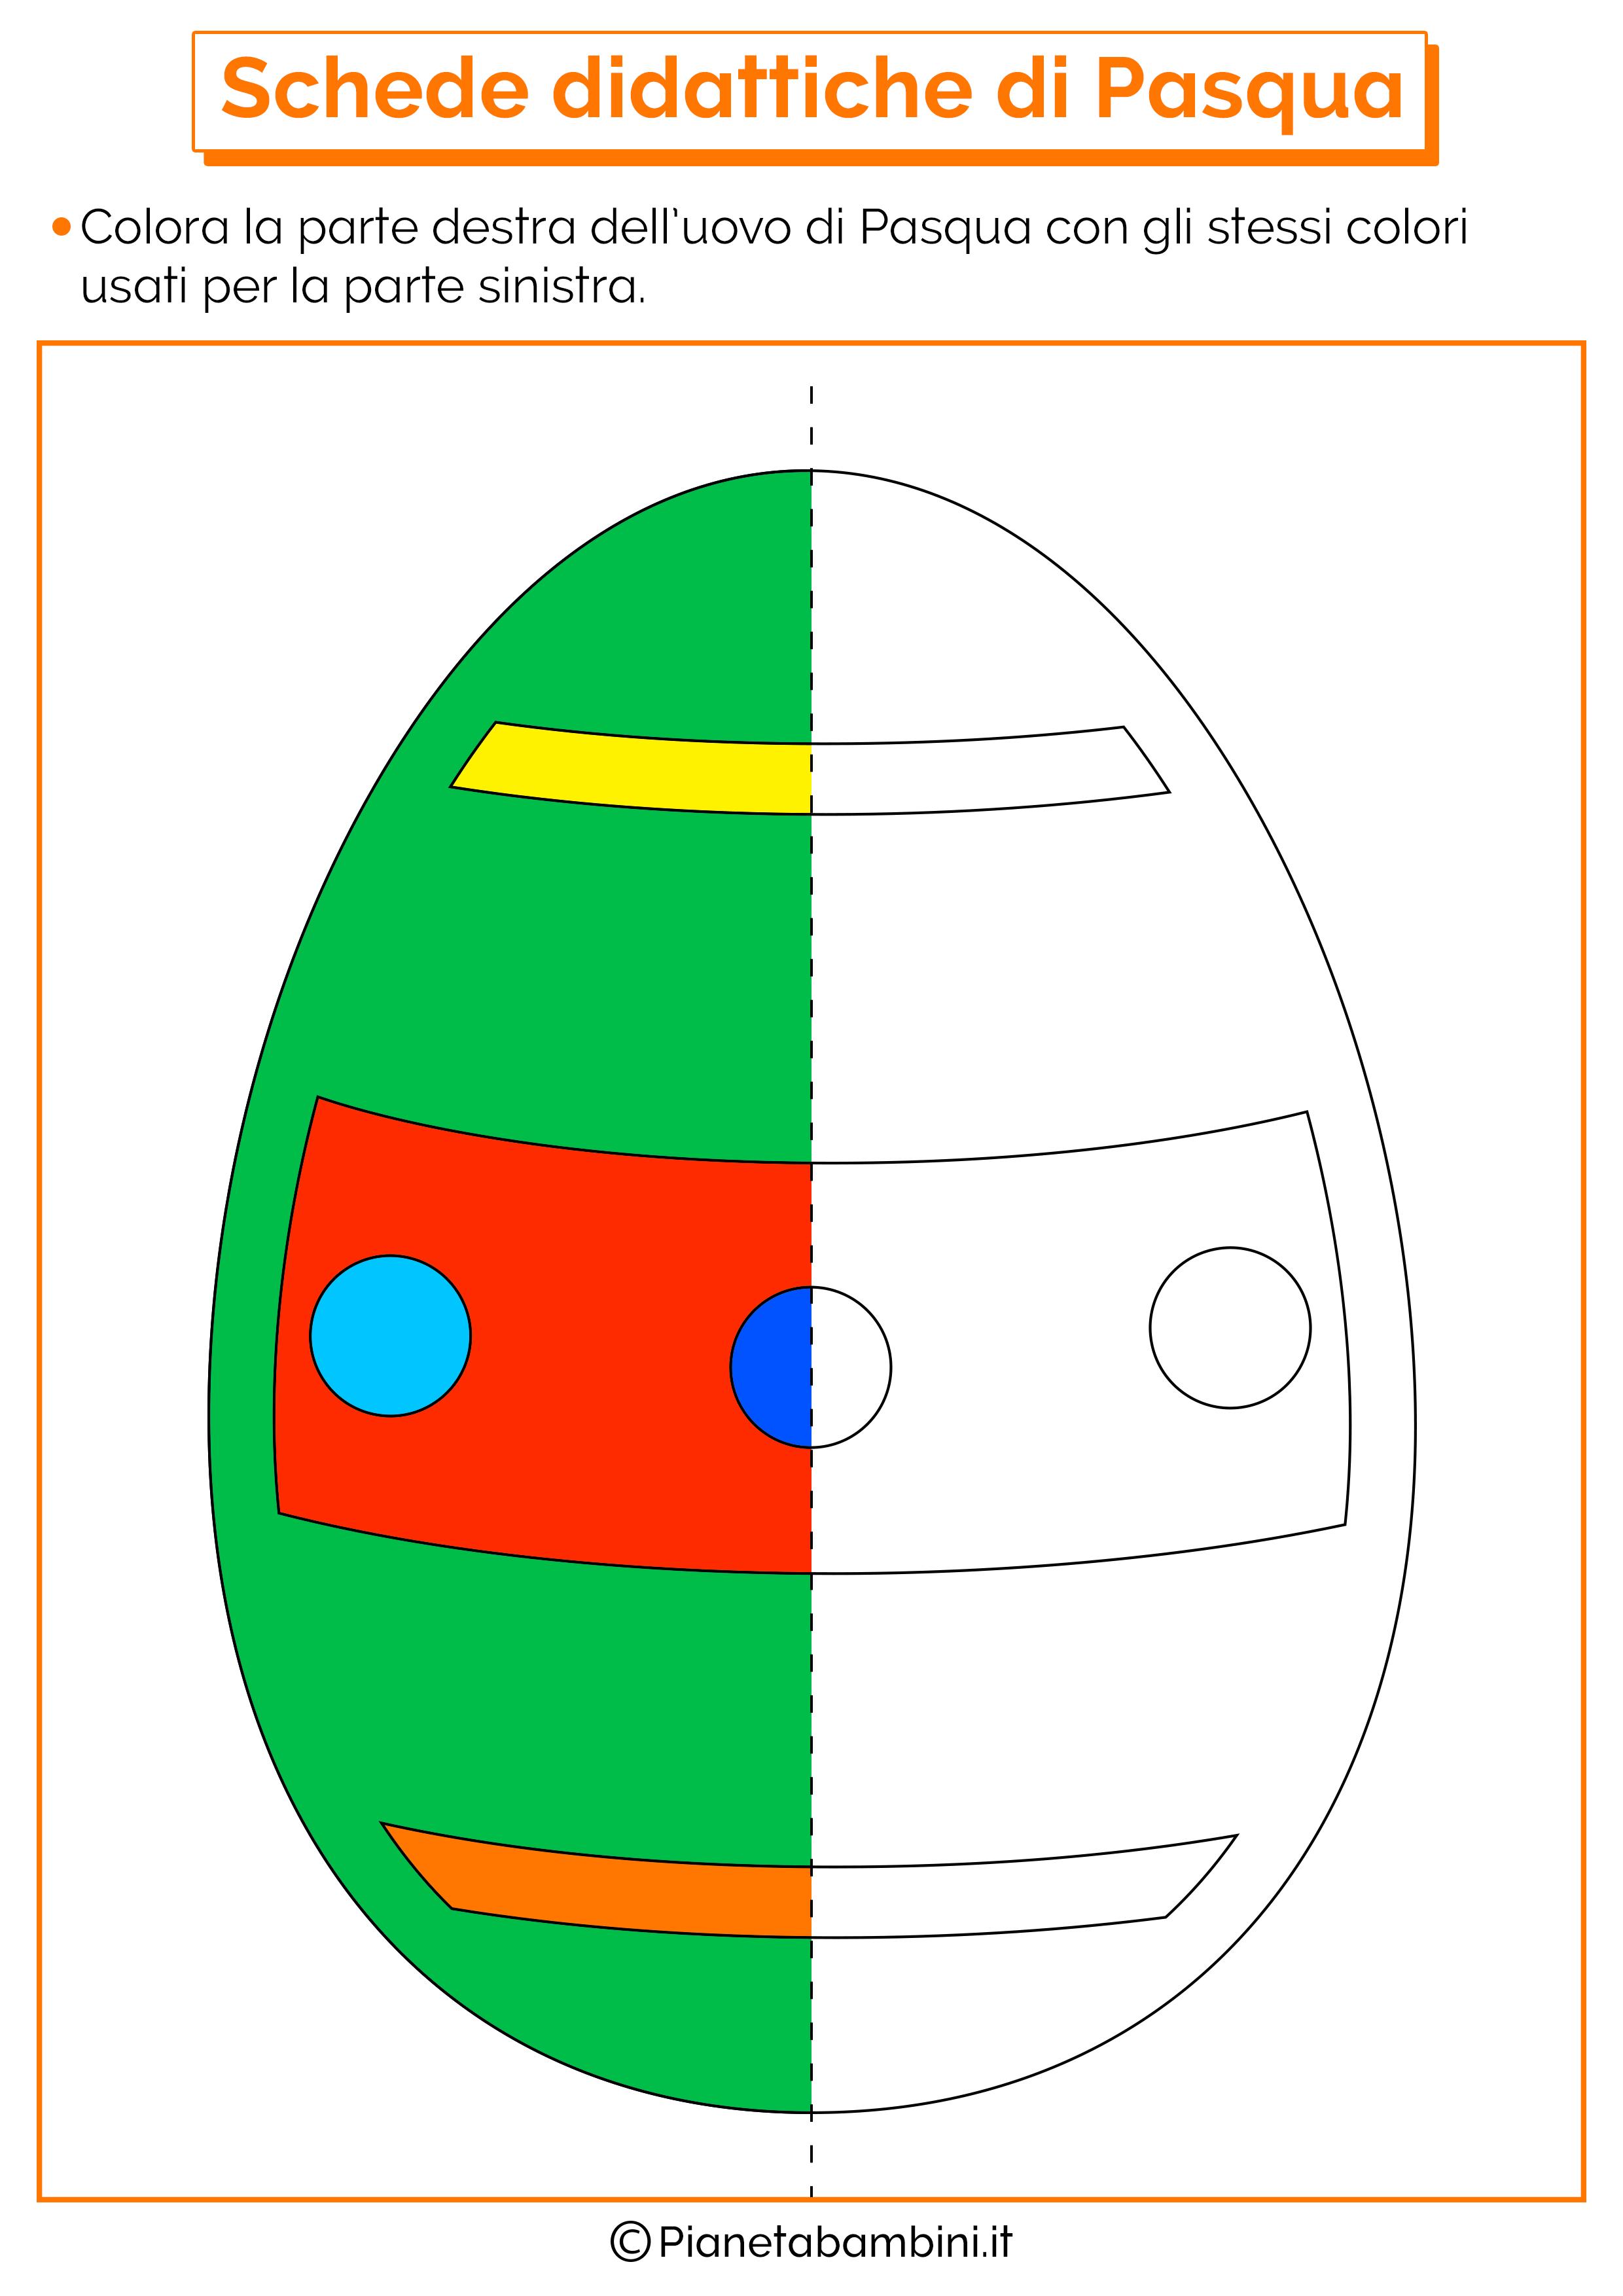 Scheda didattica di Pasqua per la scuola dell'infanzia 4